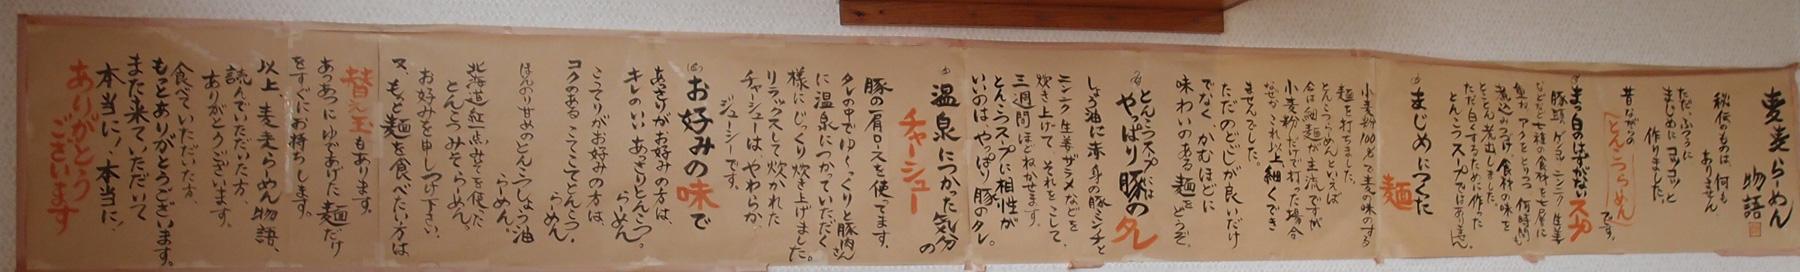 kodawari_bakua.jpg